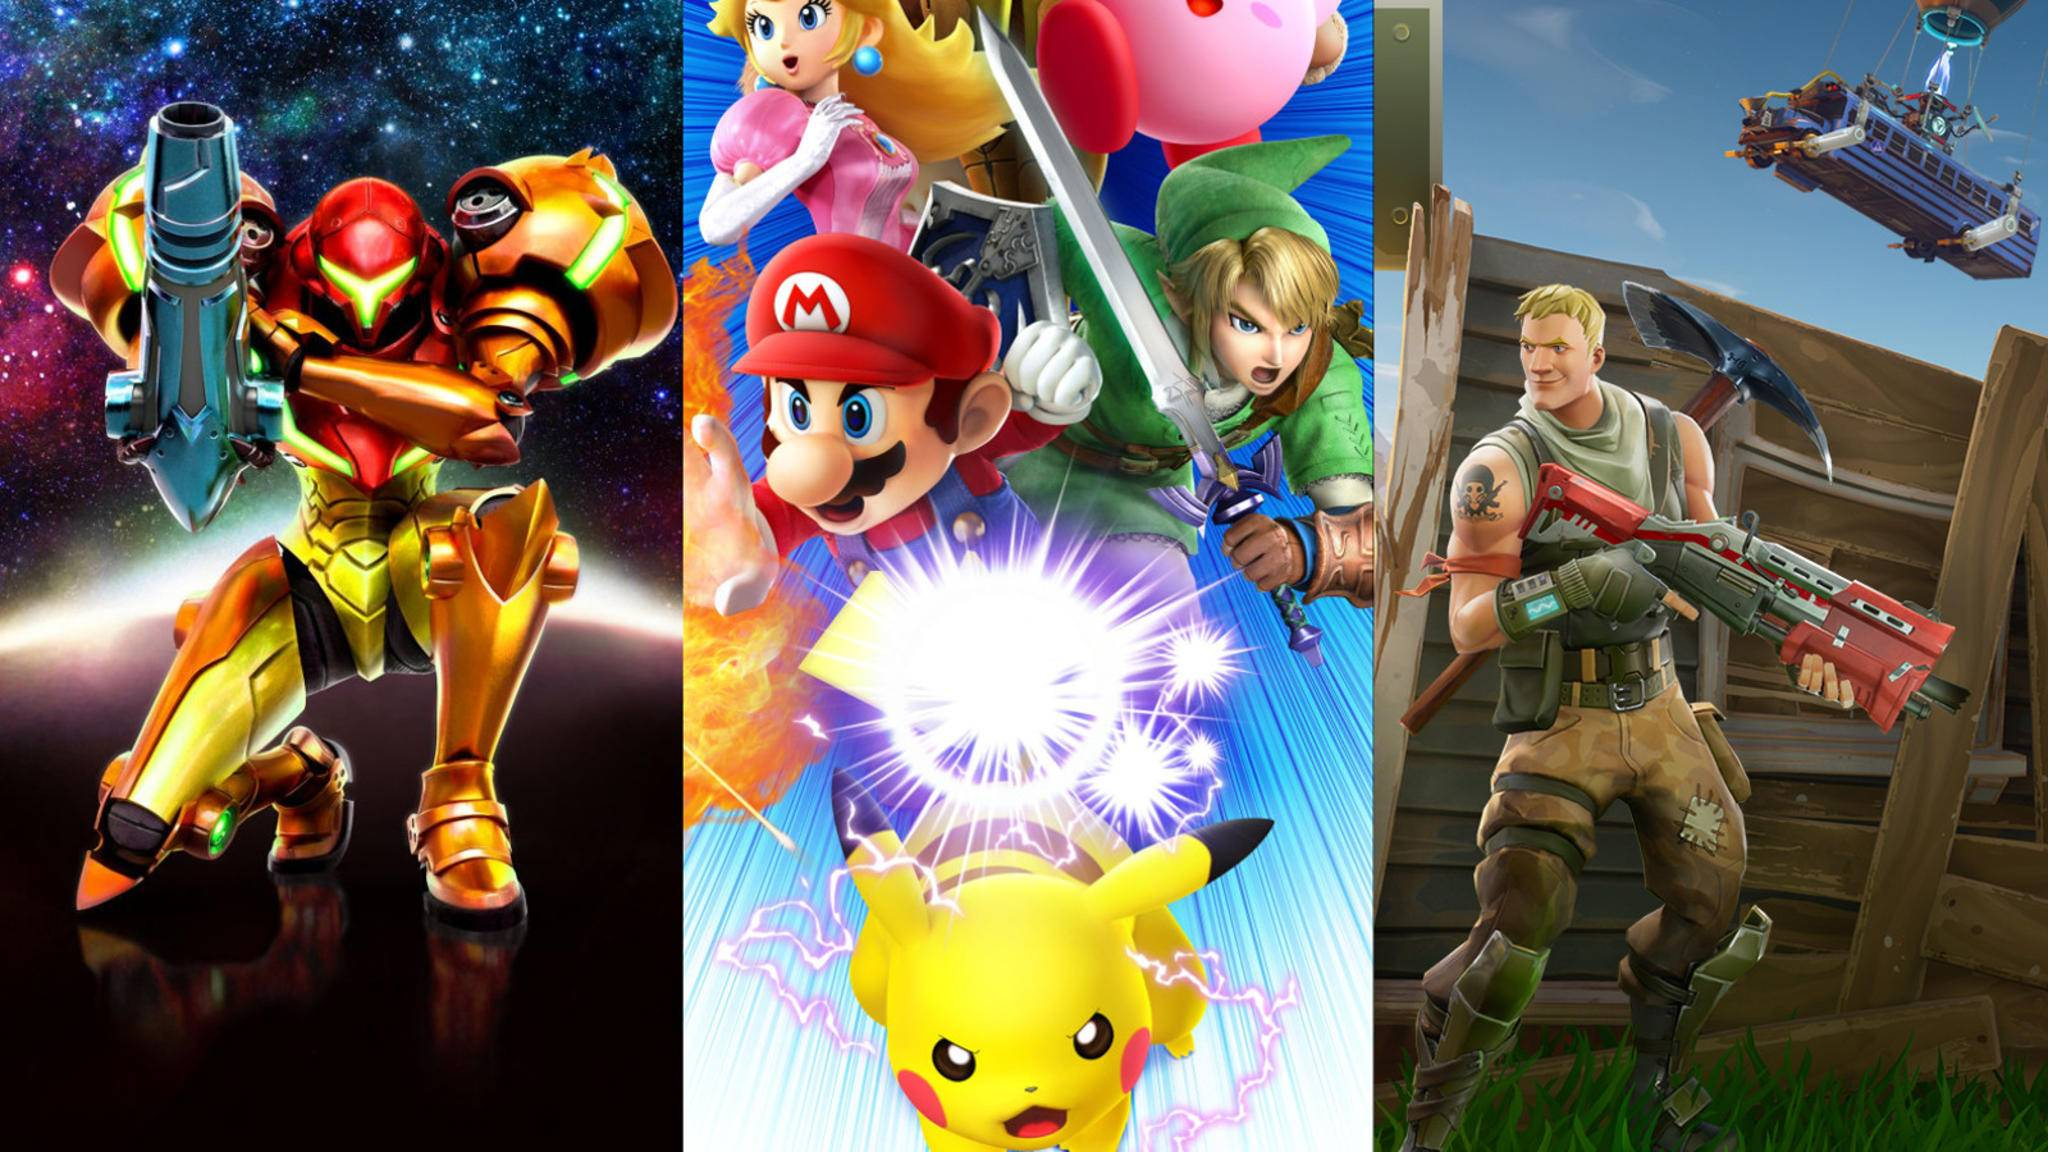 """""""Metroid Prime"""", """"Super Smash Bros."""" – und vielleicht sogar """"Fortnite""""? Nintendo könnte bei der E3 2018 einige Hochkaräter präsentieren."""